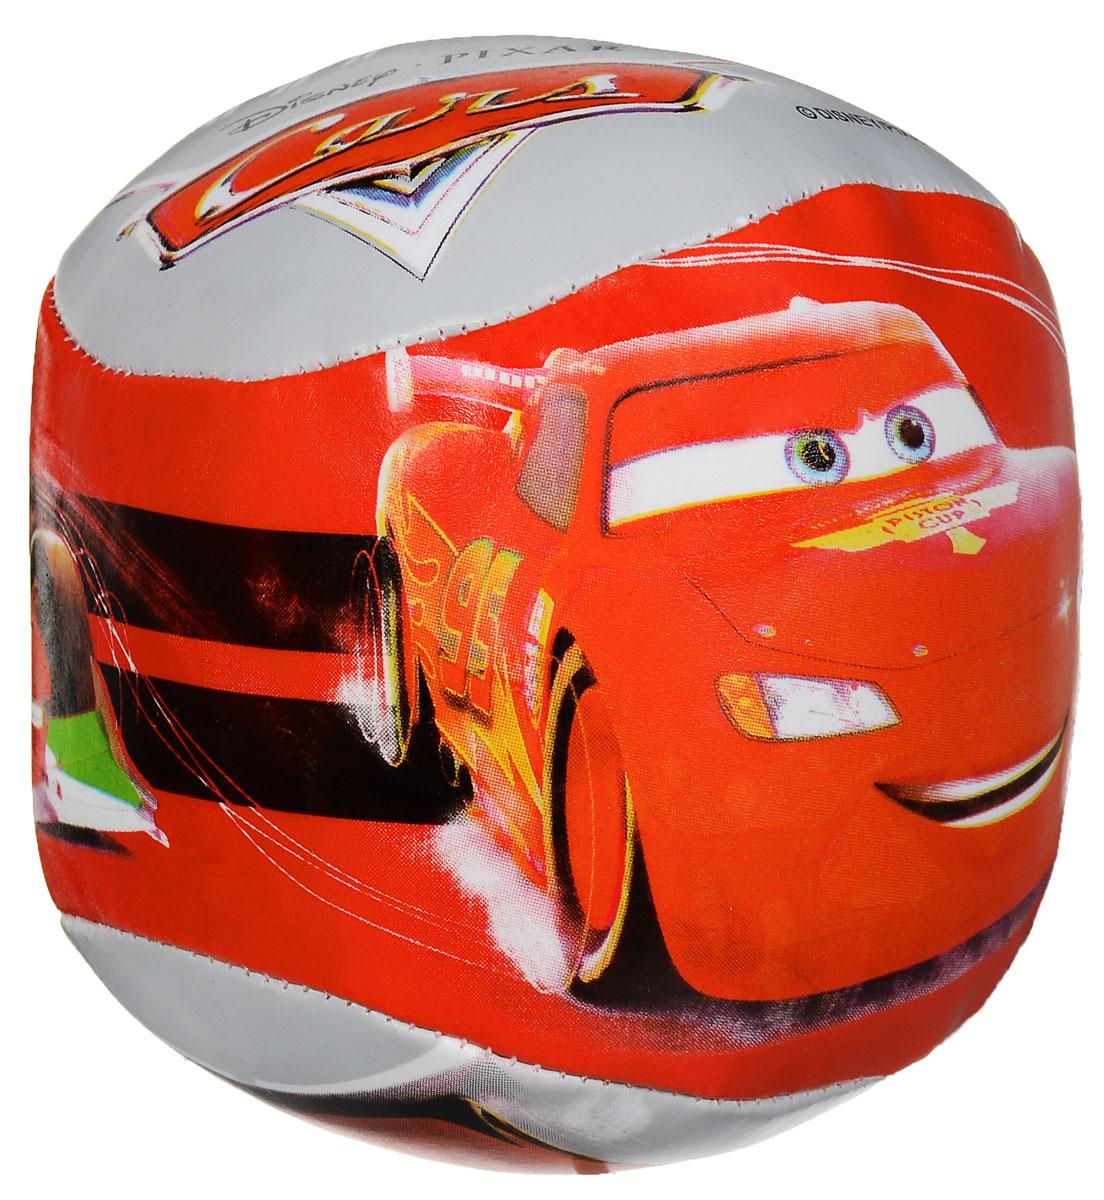 John Мяч Cars Lightning McQueen52837_красный, серыйМягкий детский мяч John Cars: Lightning McQueen непременно понравится вашему малышу и не позволит ему скучать. Мячик выполнен из ярких, современных, легких материалов с изображениями любимых героев из знаменитого мультфильма. Мяч предназначен для безопасной игры ребенка. Он незаменим для любителей подвижных игр и активного отдыха. Игра в мяч развивает координацию движений, способствует физическому развитию ребенка.